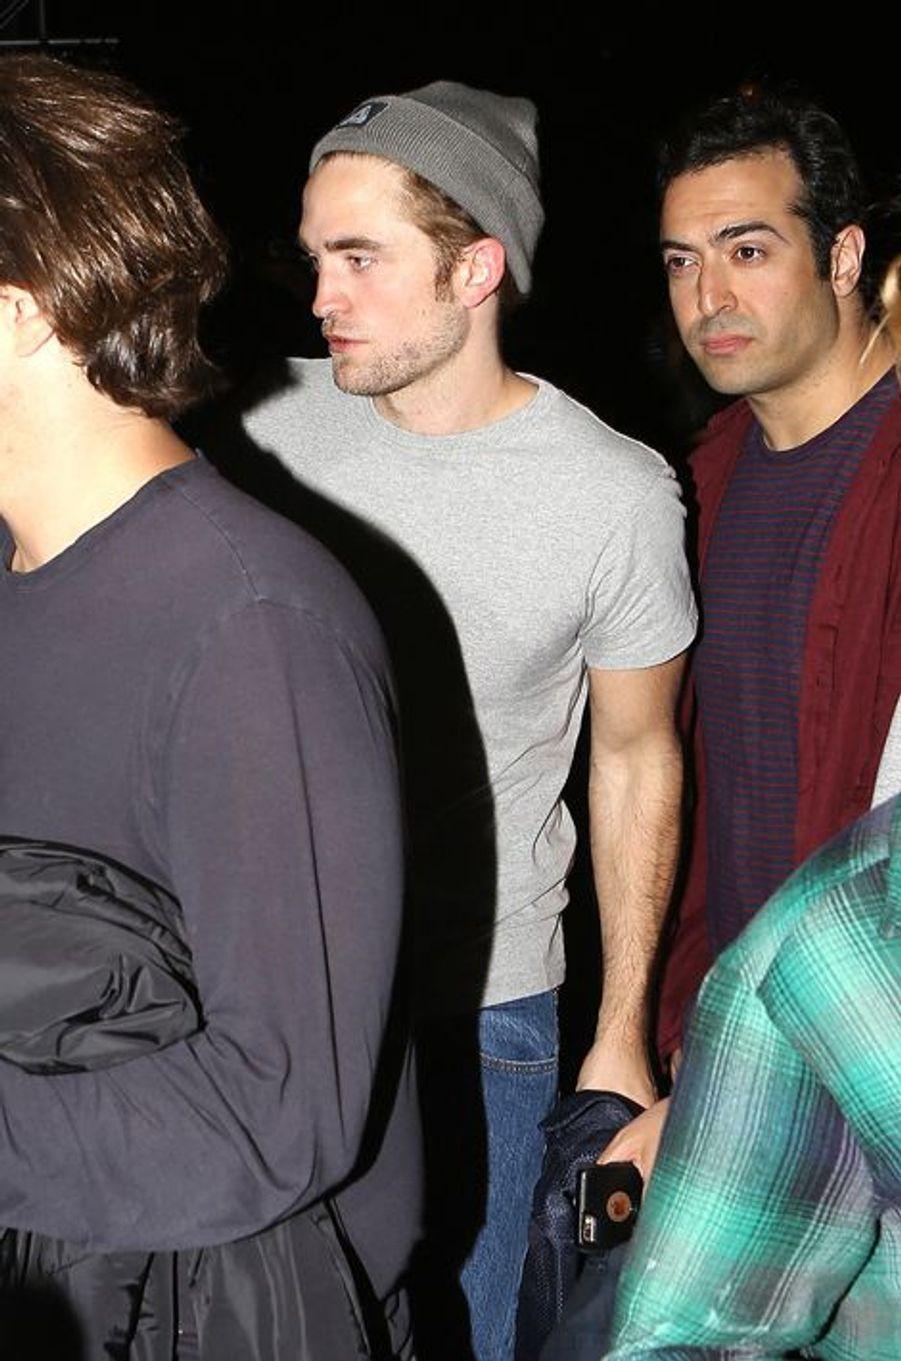 L'acteur Robert Pattinson, présent pour soutenir sa petite amie, la chanteuse FKA Twigs